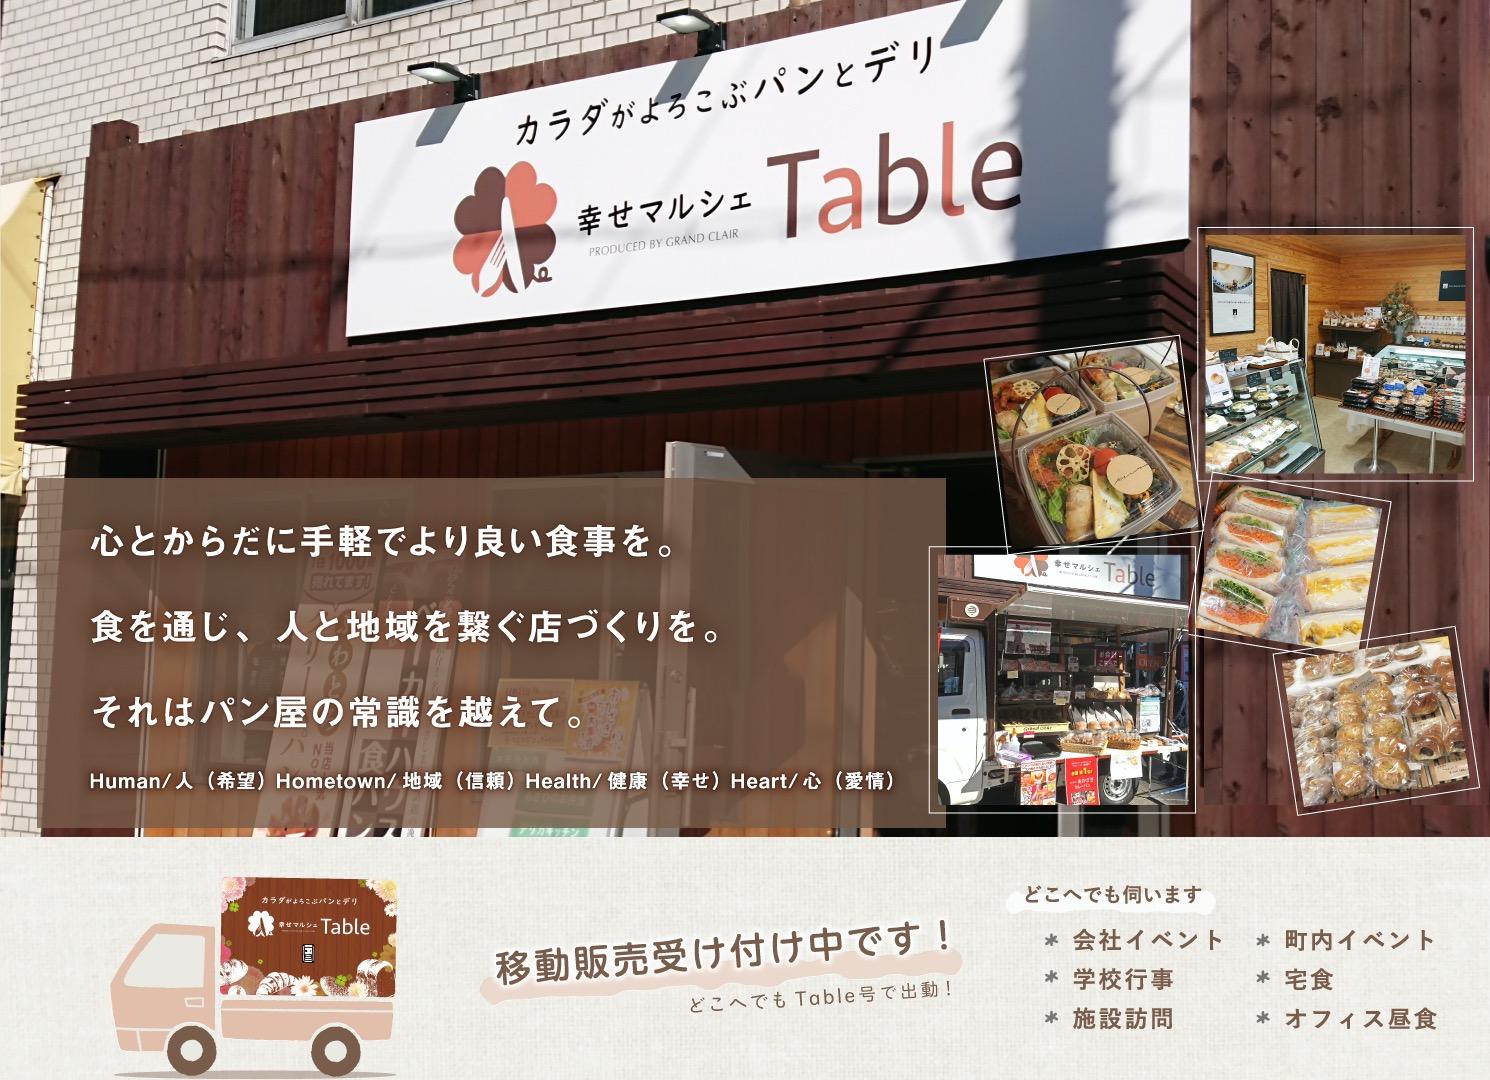 Tableコンセプト画像